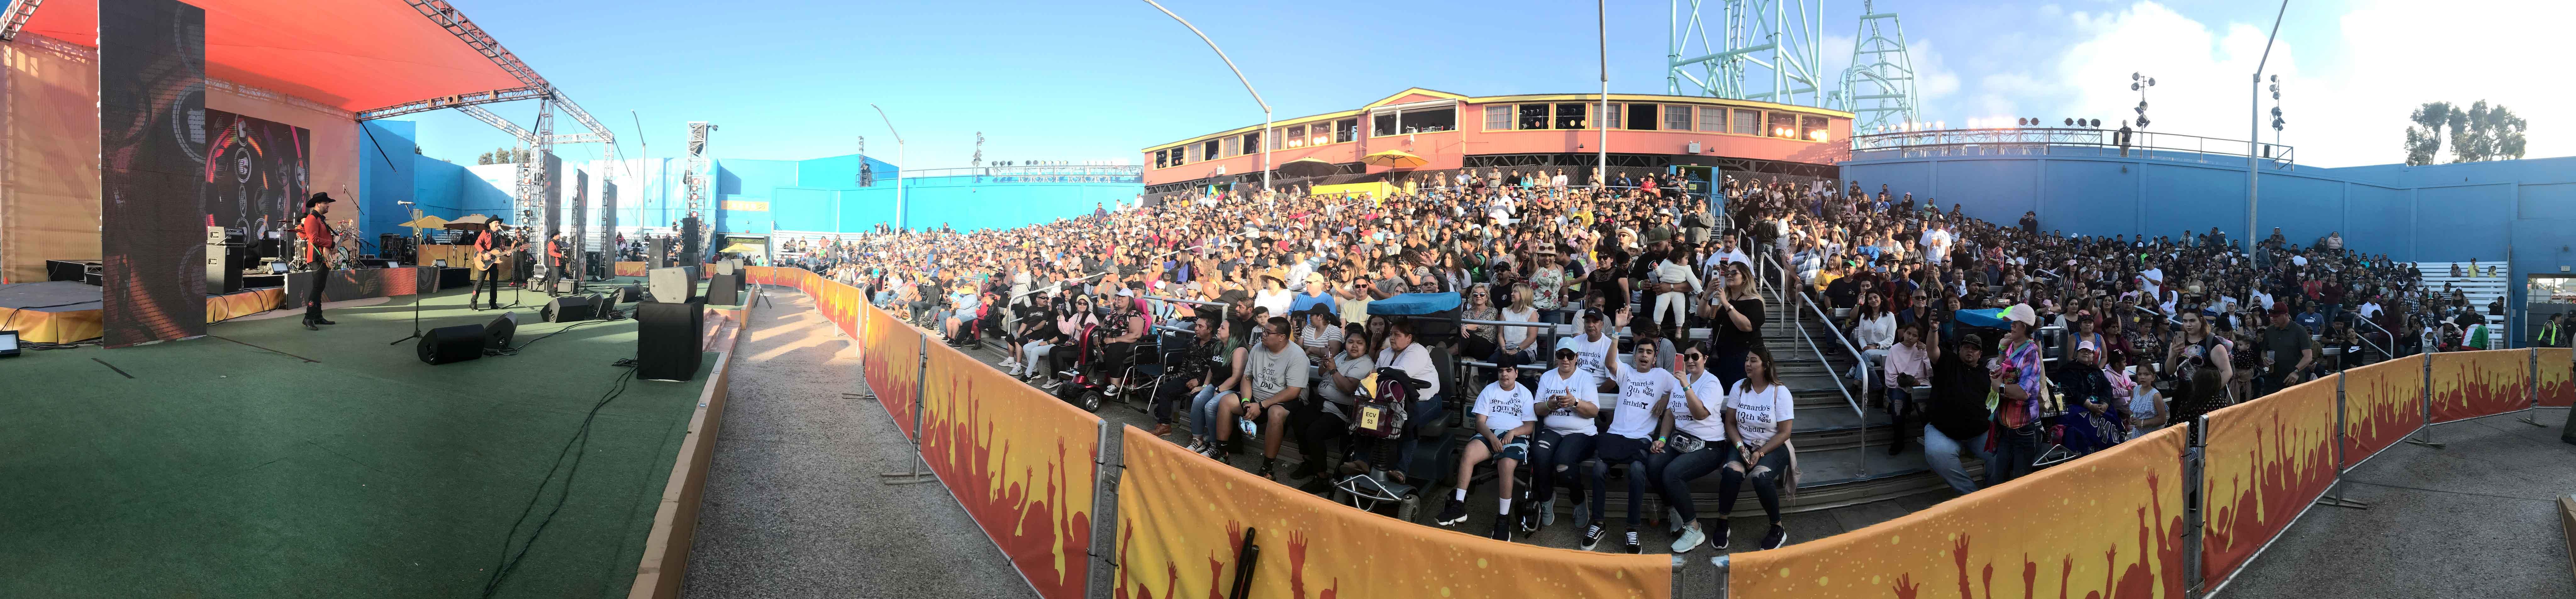 Viva La Música - SeaWorld, San Diego, CA.